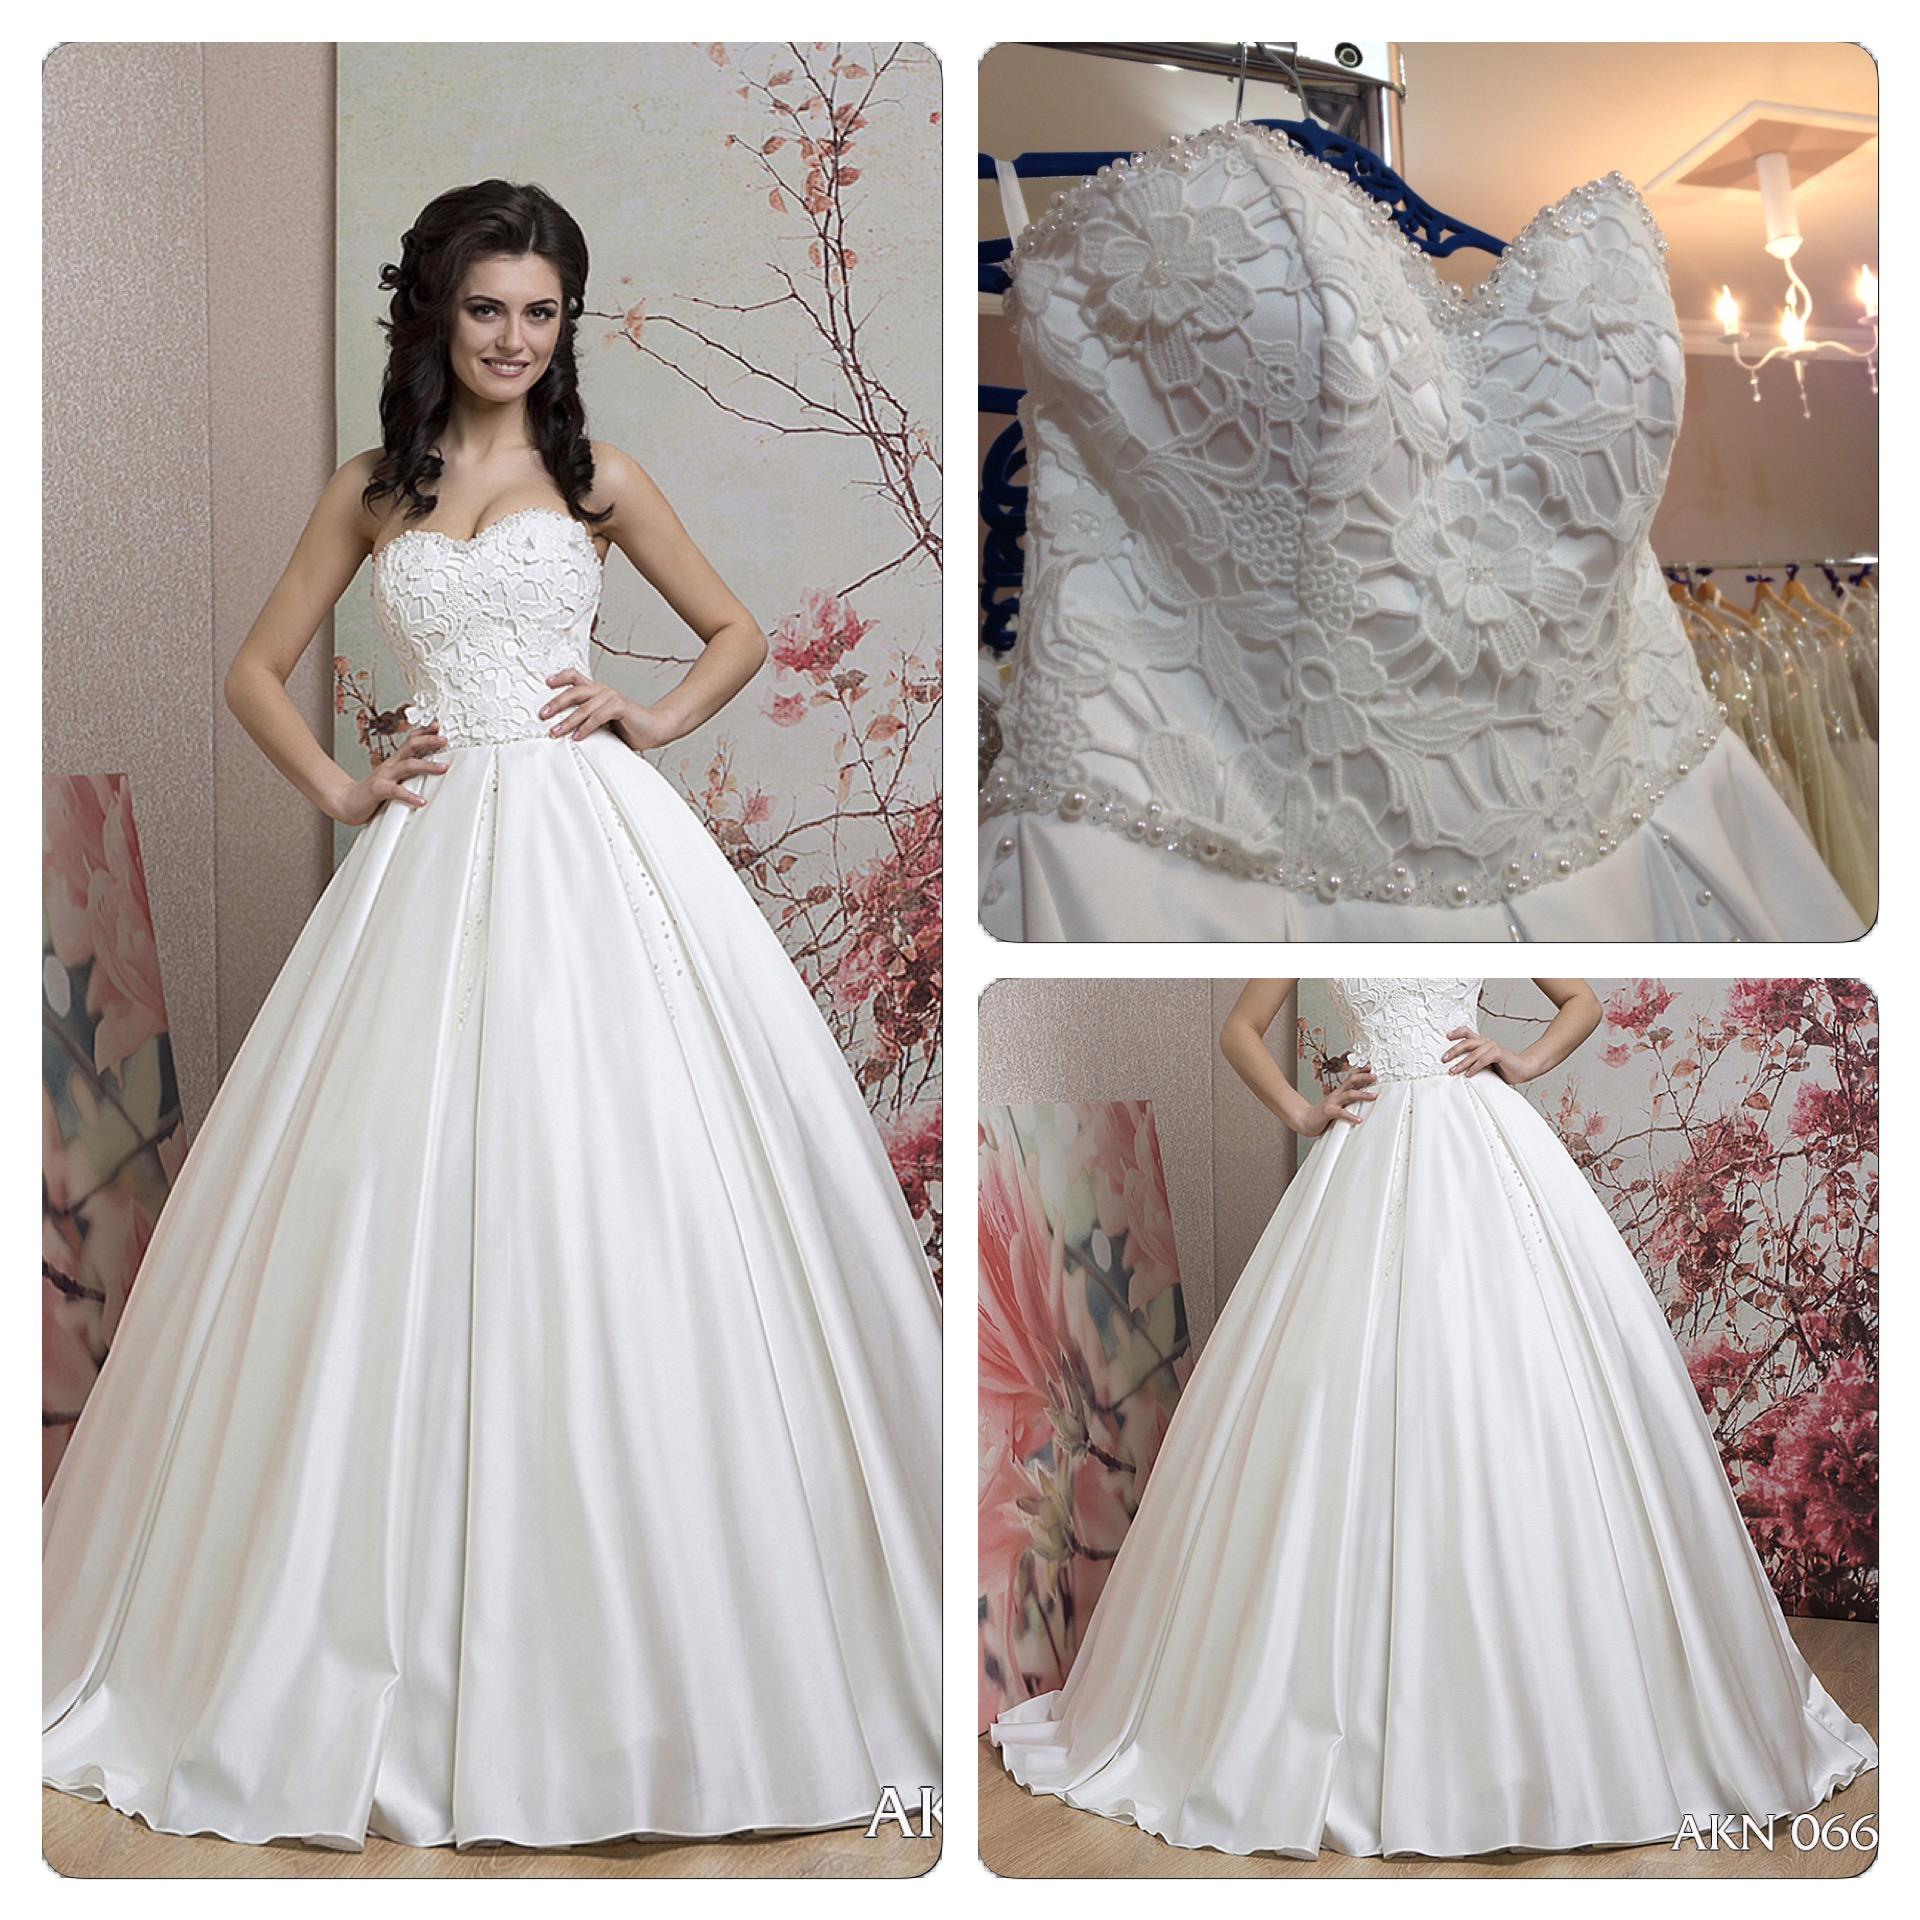 d290697650f3603 Атласное свадебное платье с корсетом макраме. В реальности просто волшебное.